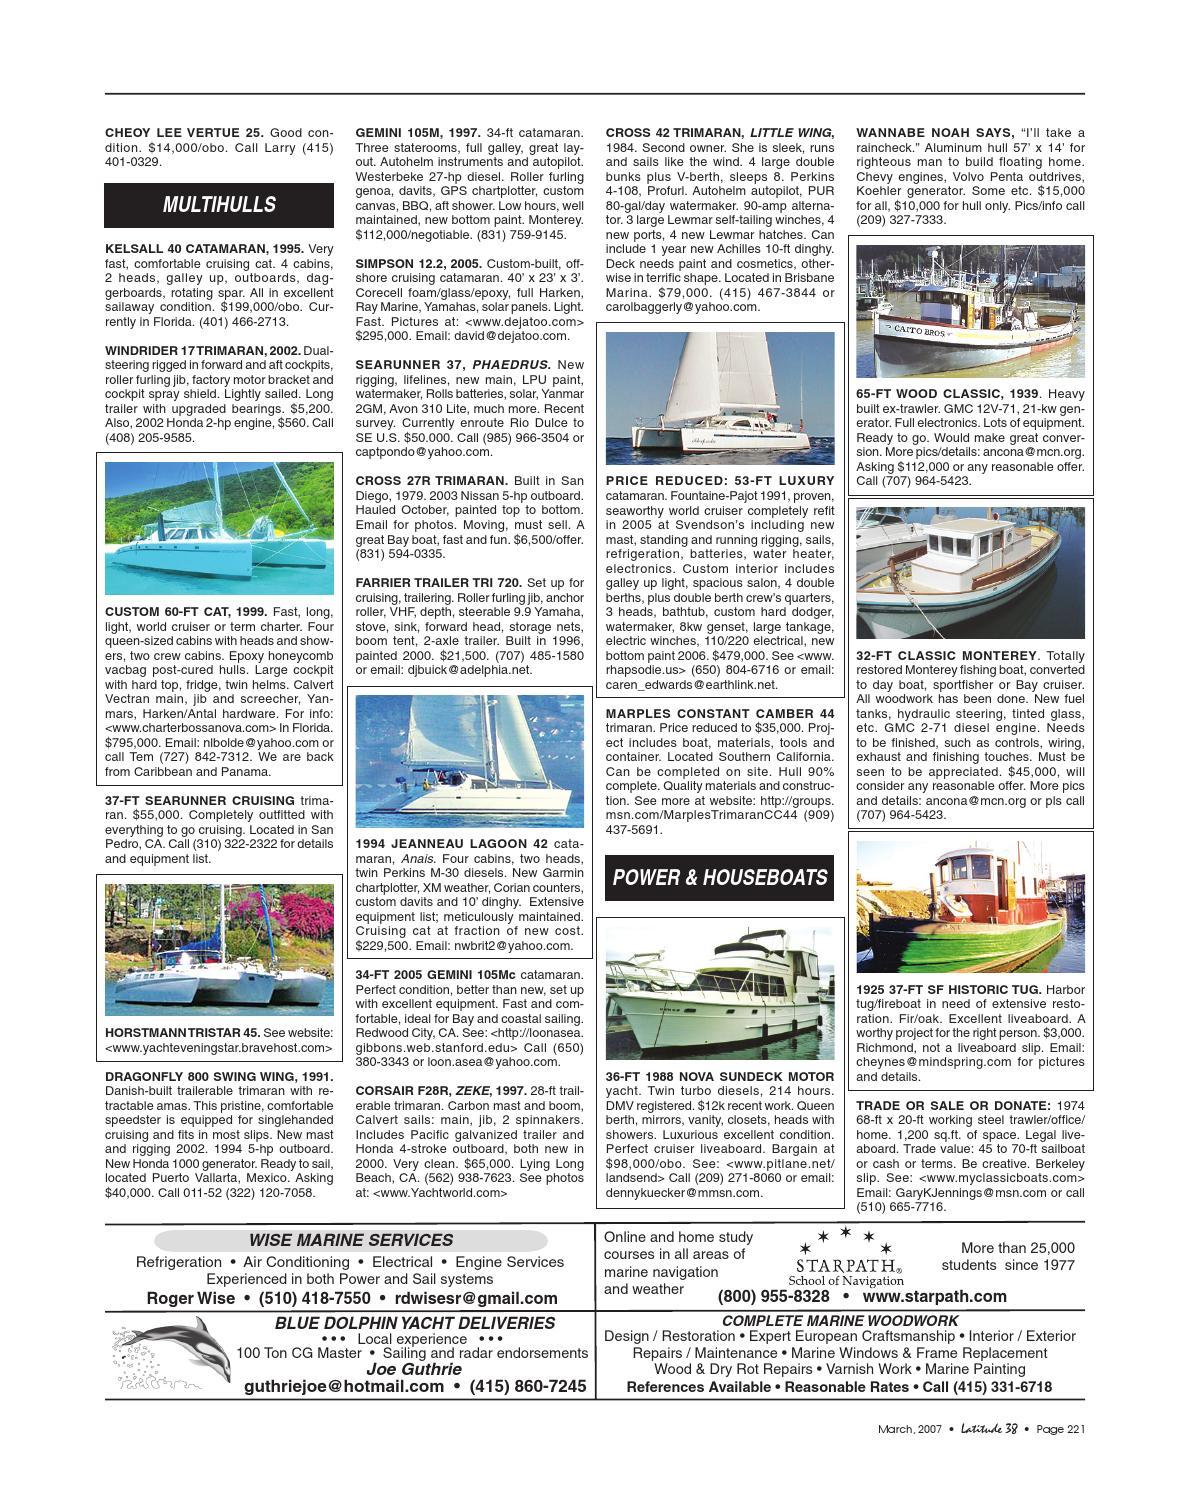 Latitude 38 March 2007 by Latitude 38 Media, LLC - issuu